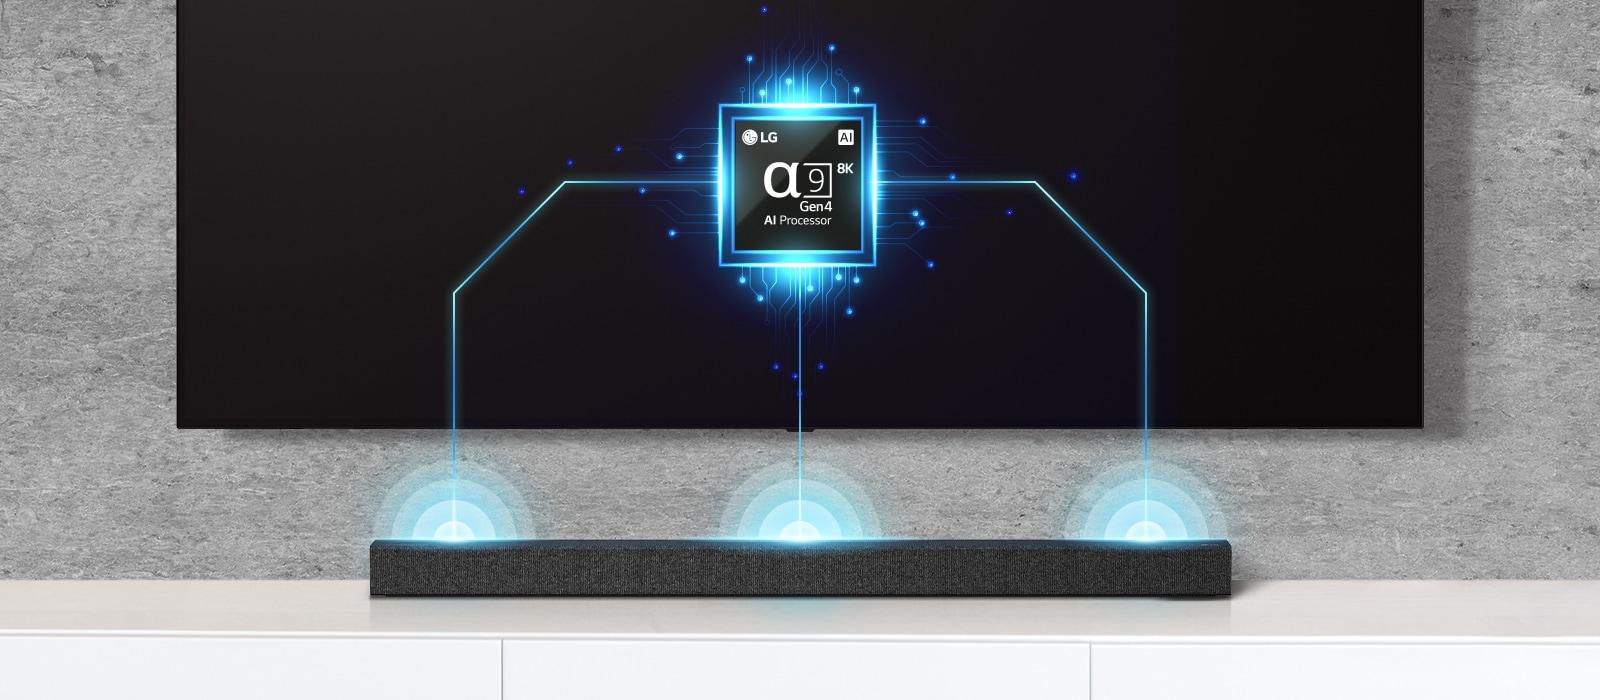 Hình ảnh chip alpha chín trên TV và loa soundbar ngay bên dưới. Ngoài ra còn có hiệu ứng sóng âm thanh phát ra từ loa soundbar.